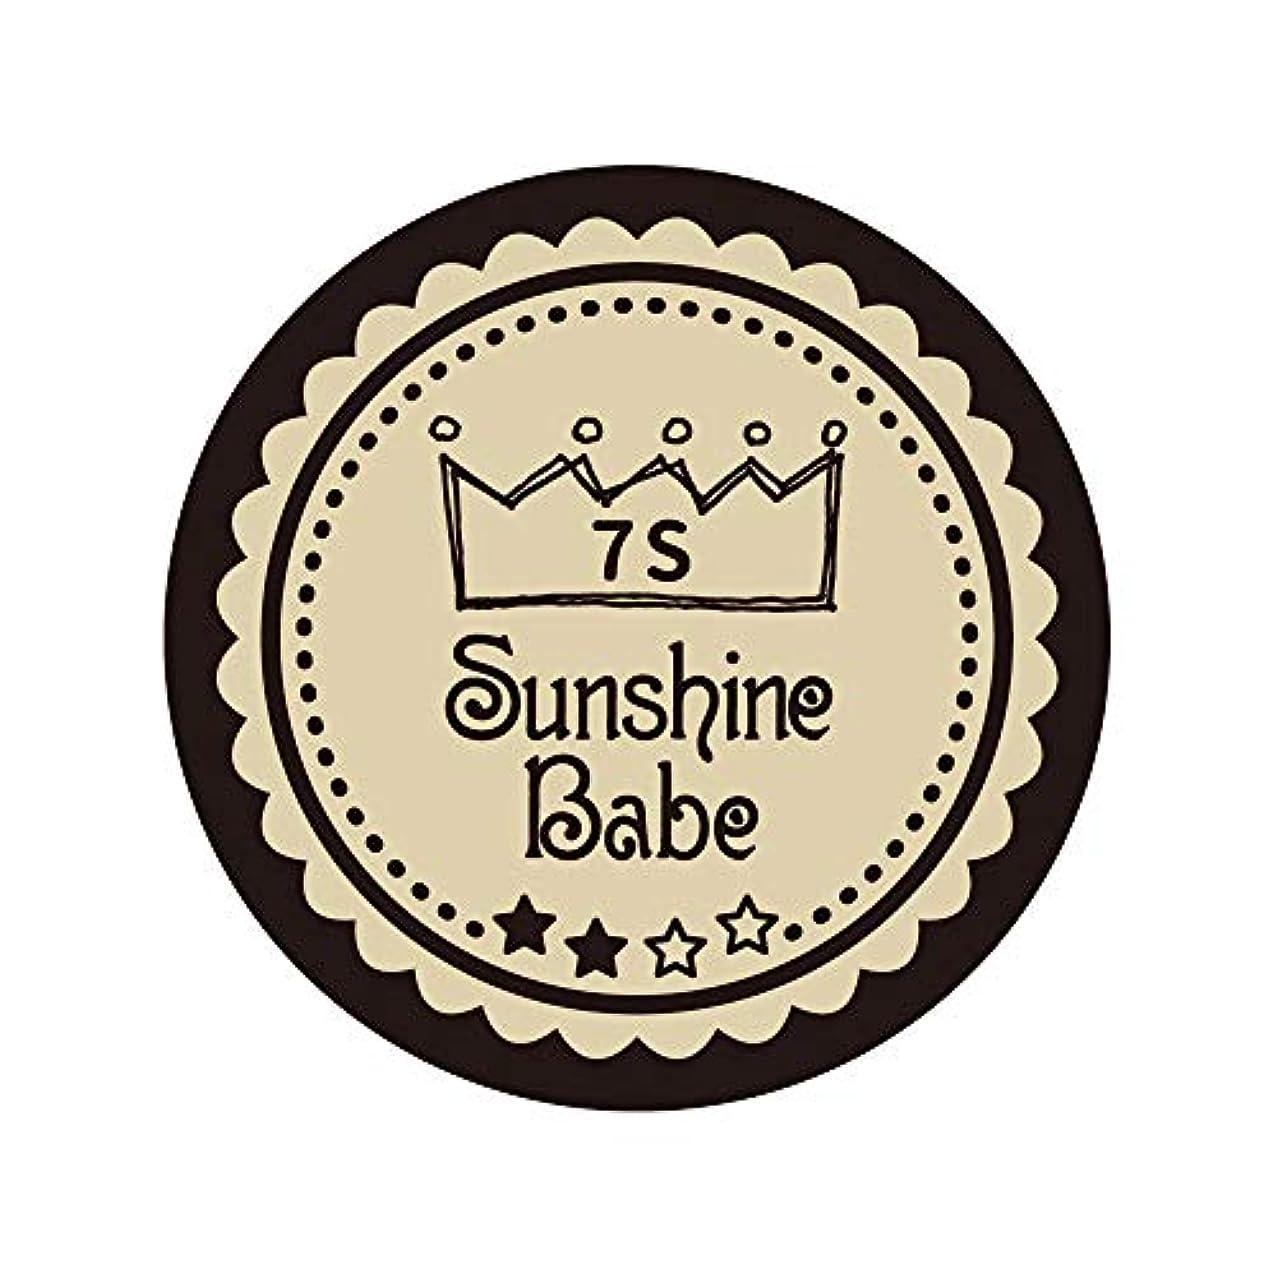 極地キャンバスメンタルSunshine Babe カラージェル 7S ウォームサンド 2.7g UV/LED対応